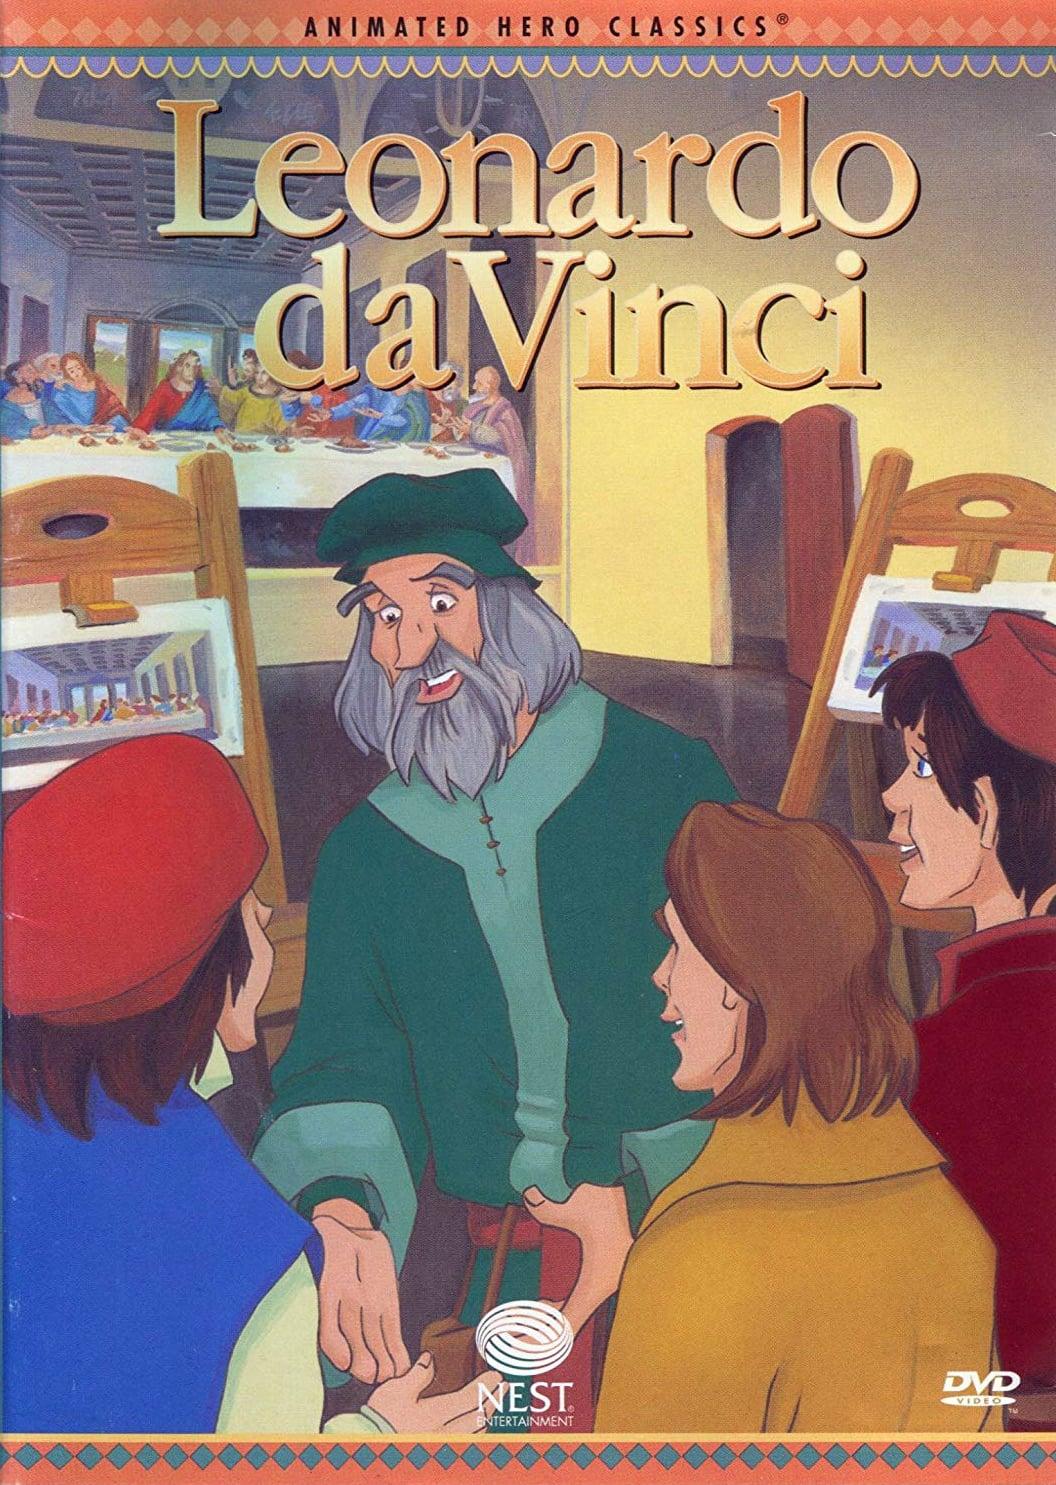 Animated Hero Classics: Leonardo Davinci